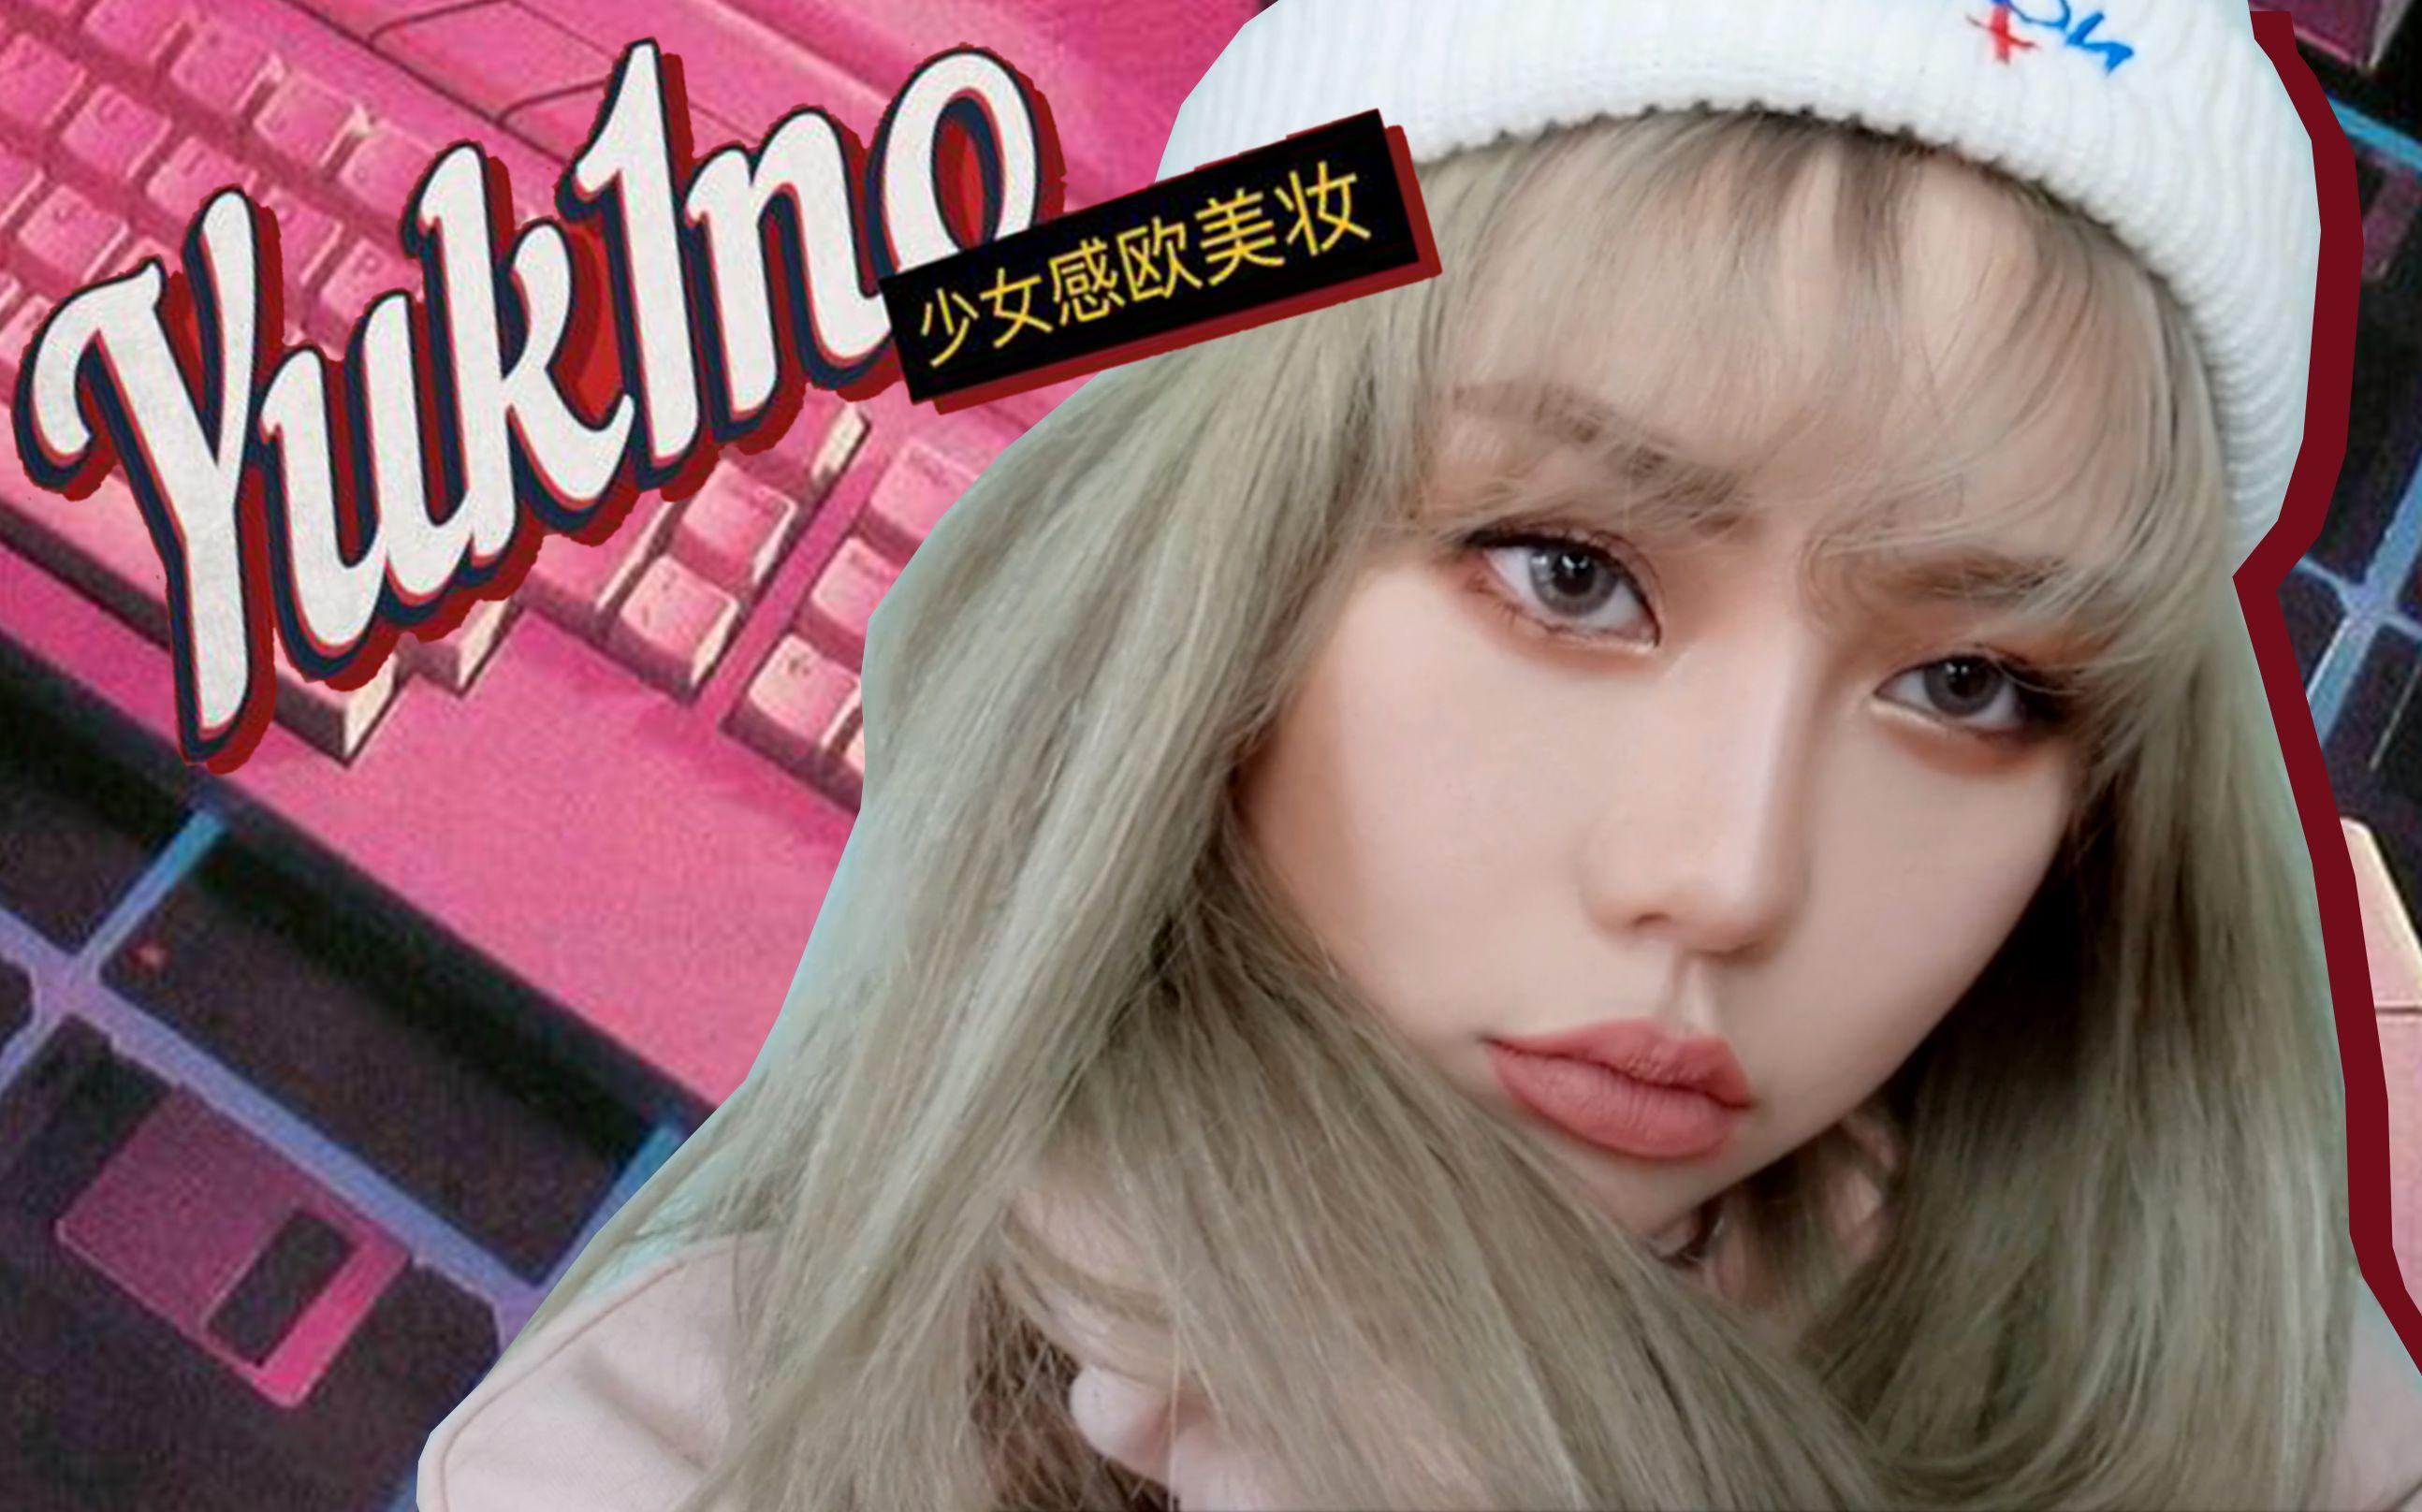 欧美亚洲少女_yukino|酷里还想带点甜?专为亚洲女孩定制的少女感欧美妆!